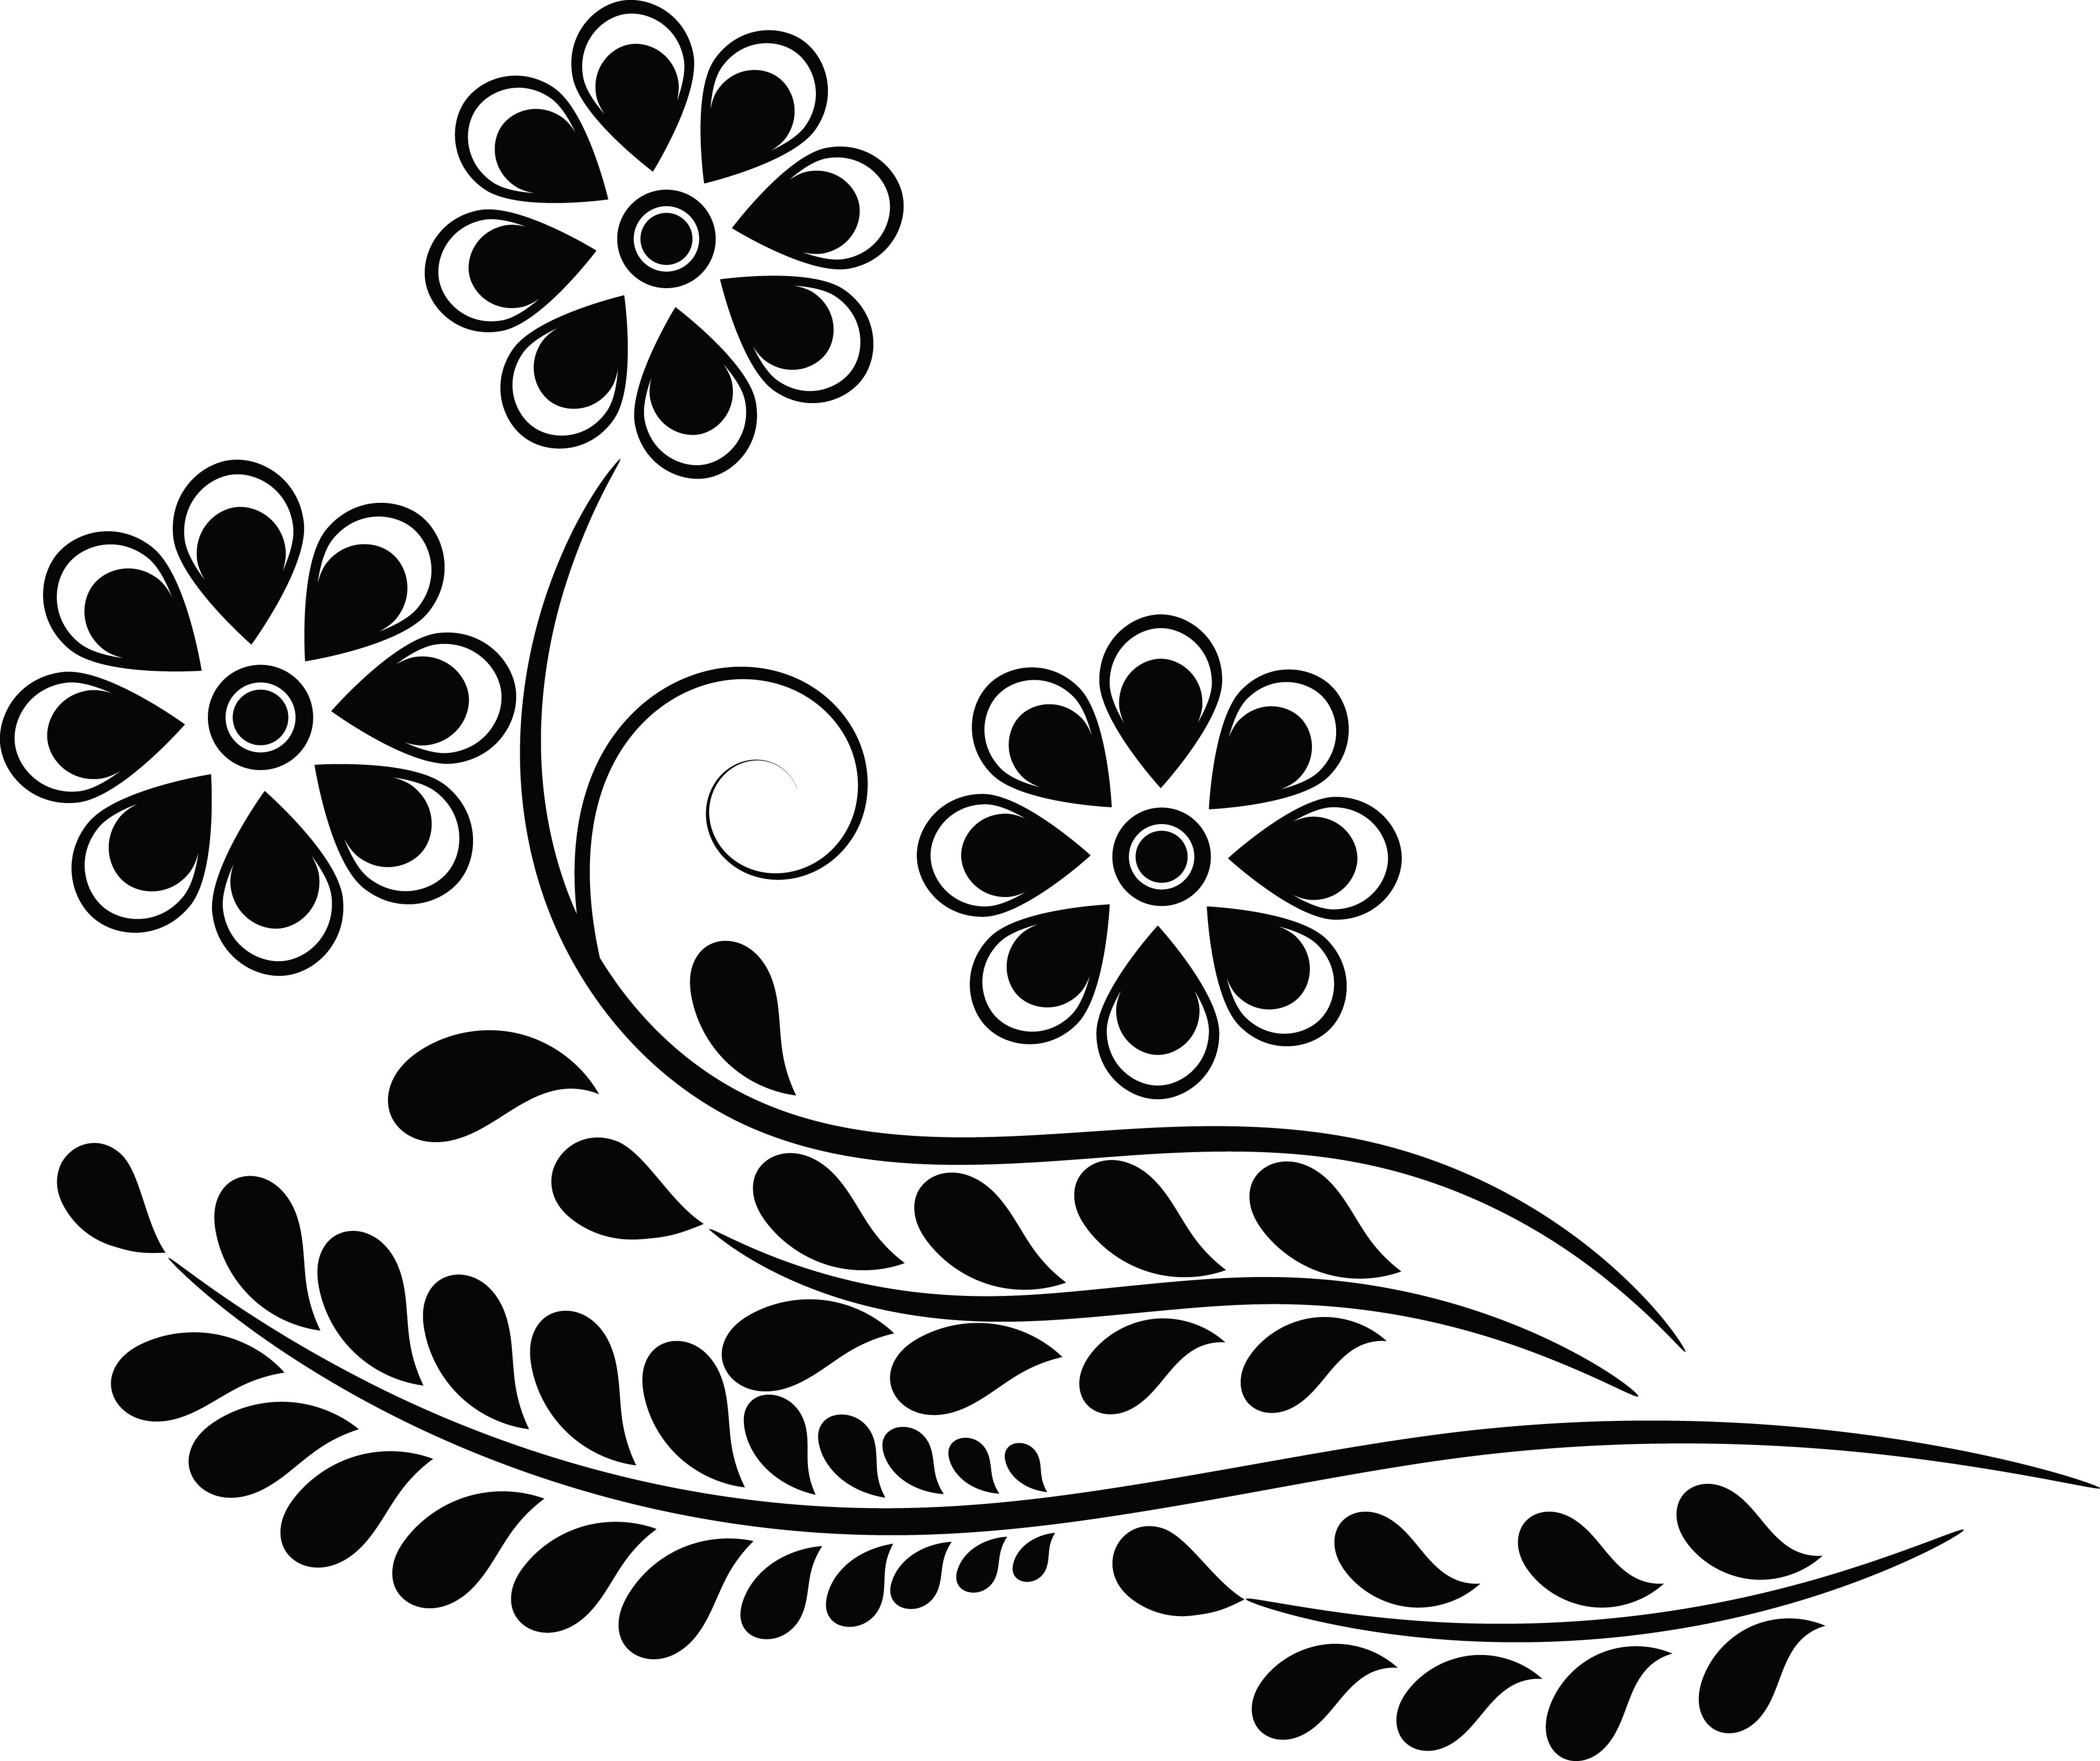 Flower Design Clipart Black And White.